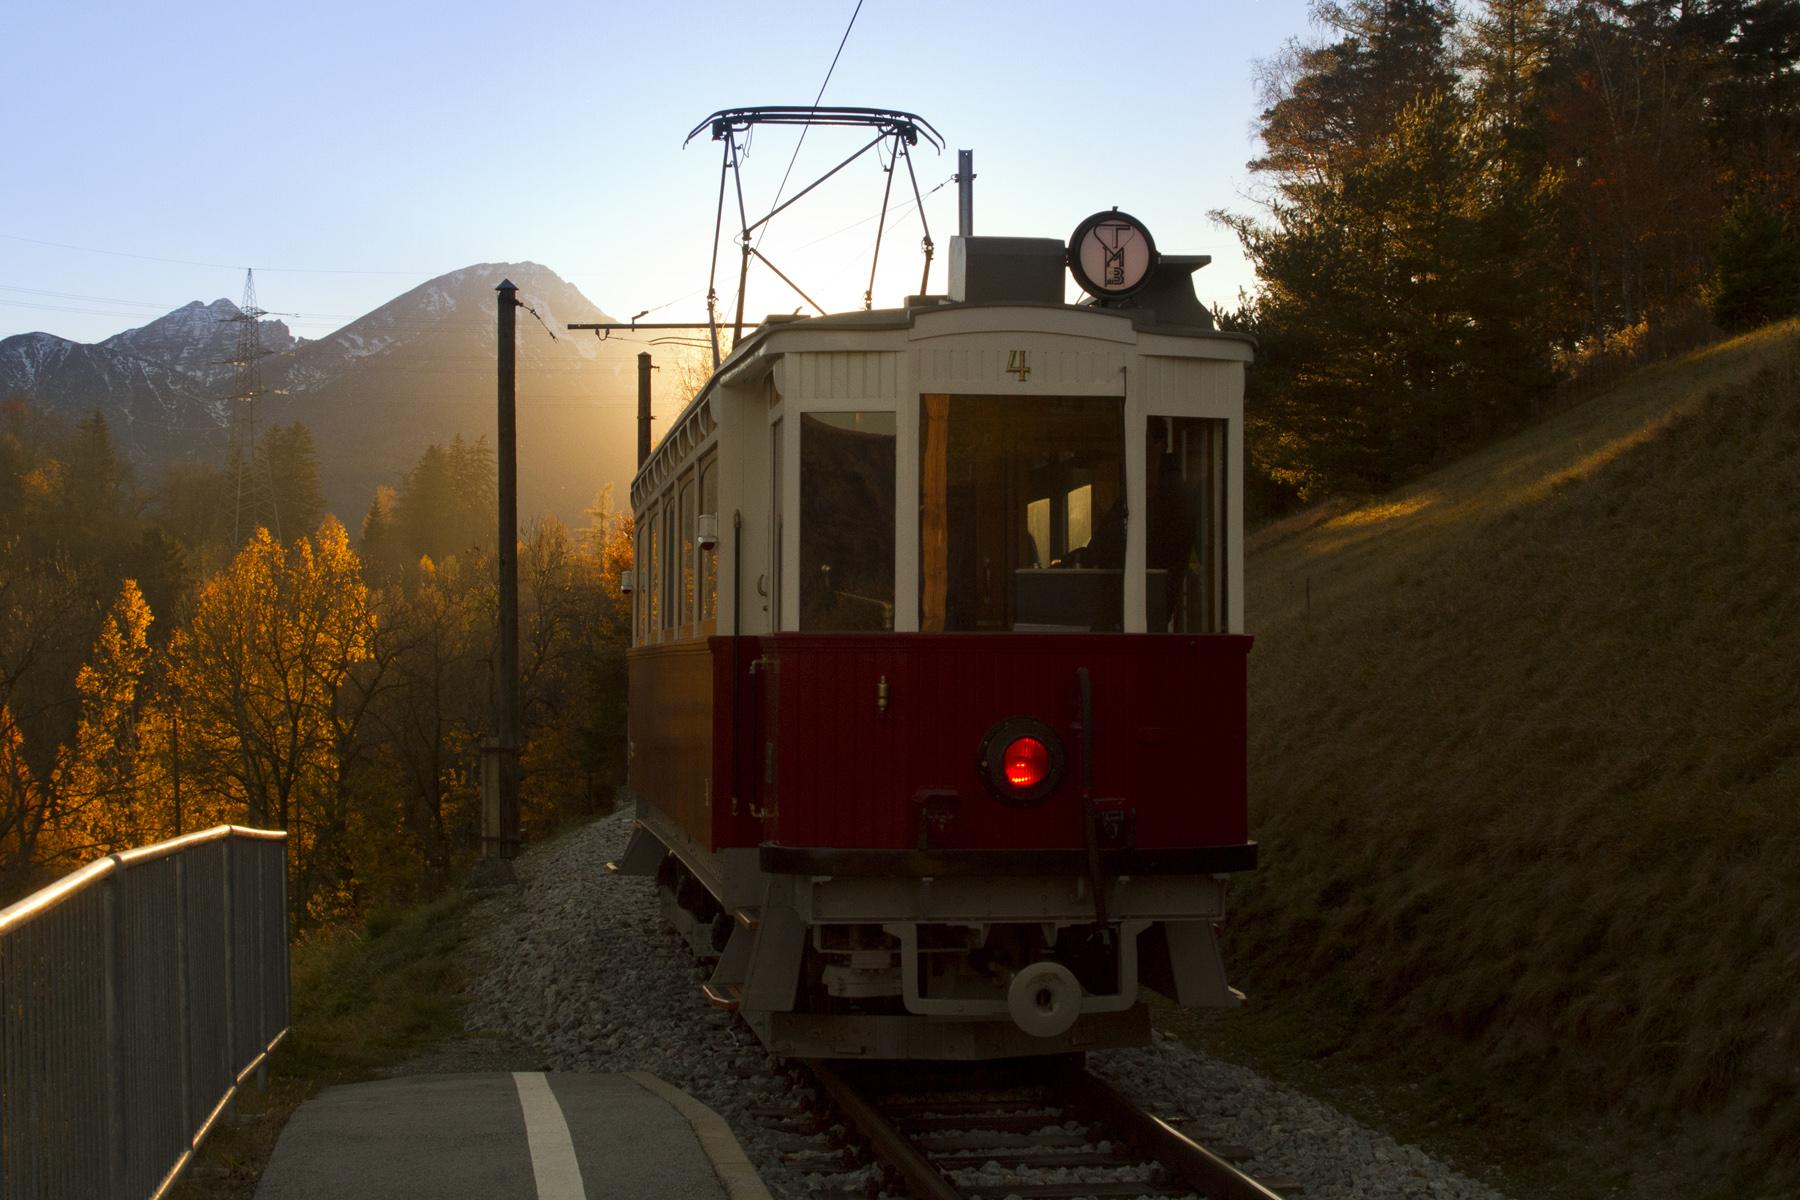 Historischer Triebwagen auf Linie 6